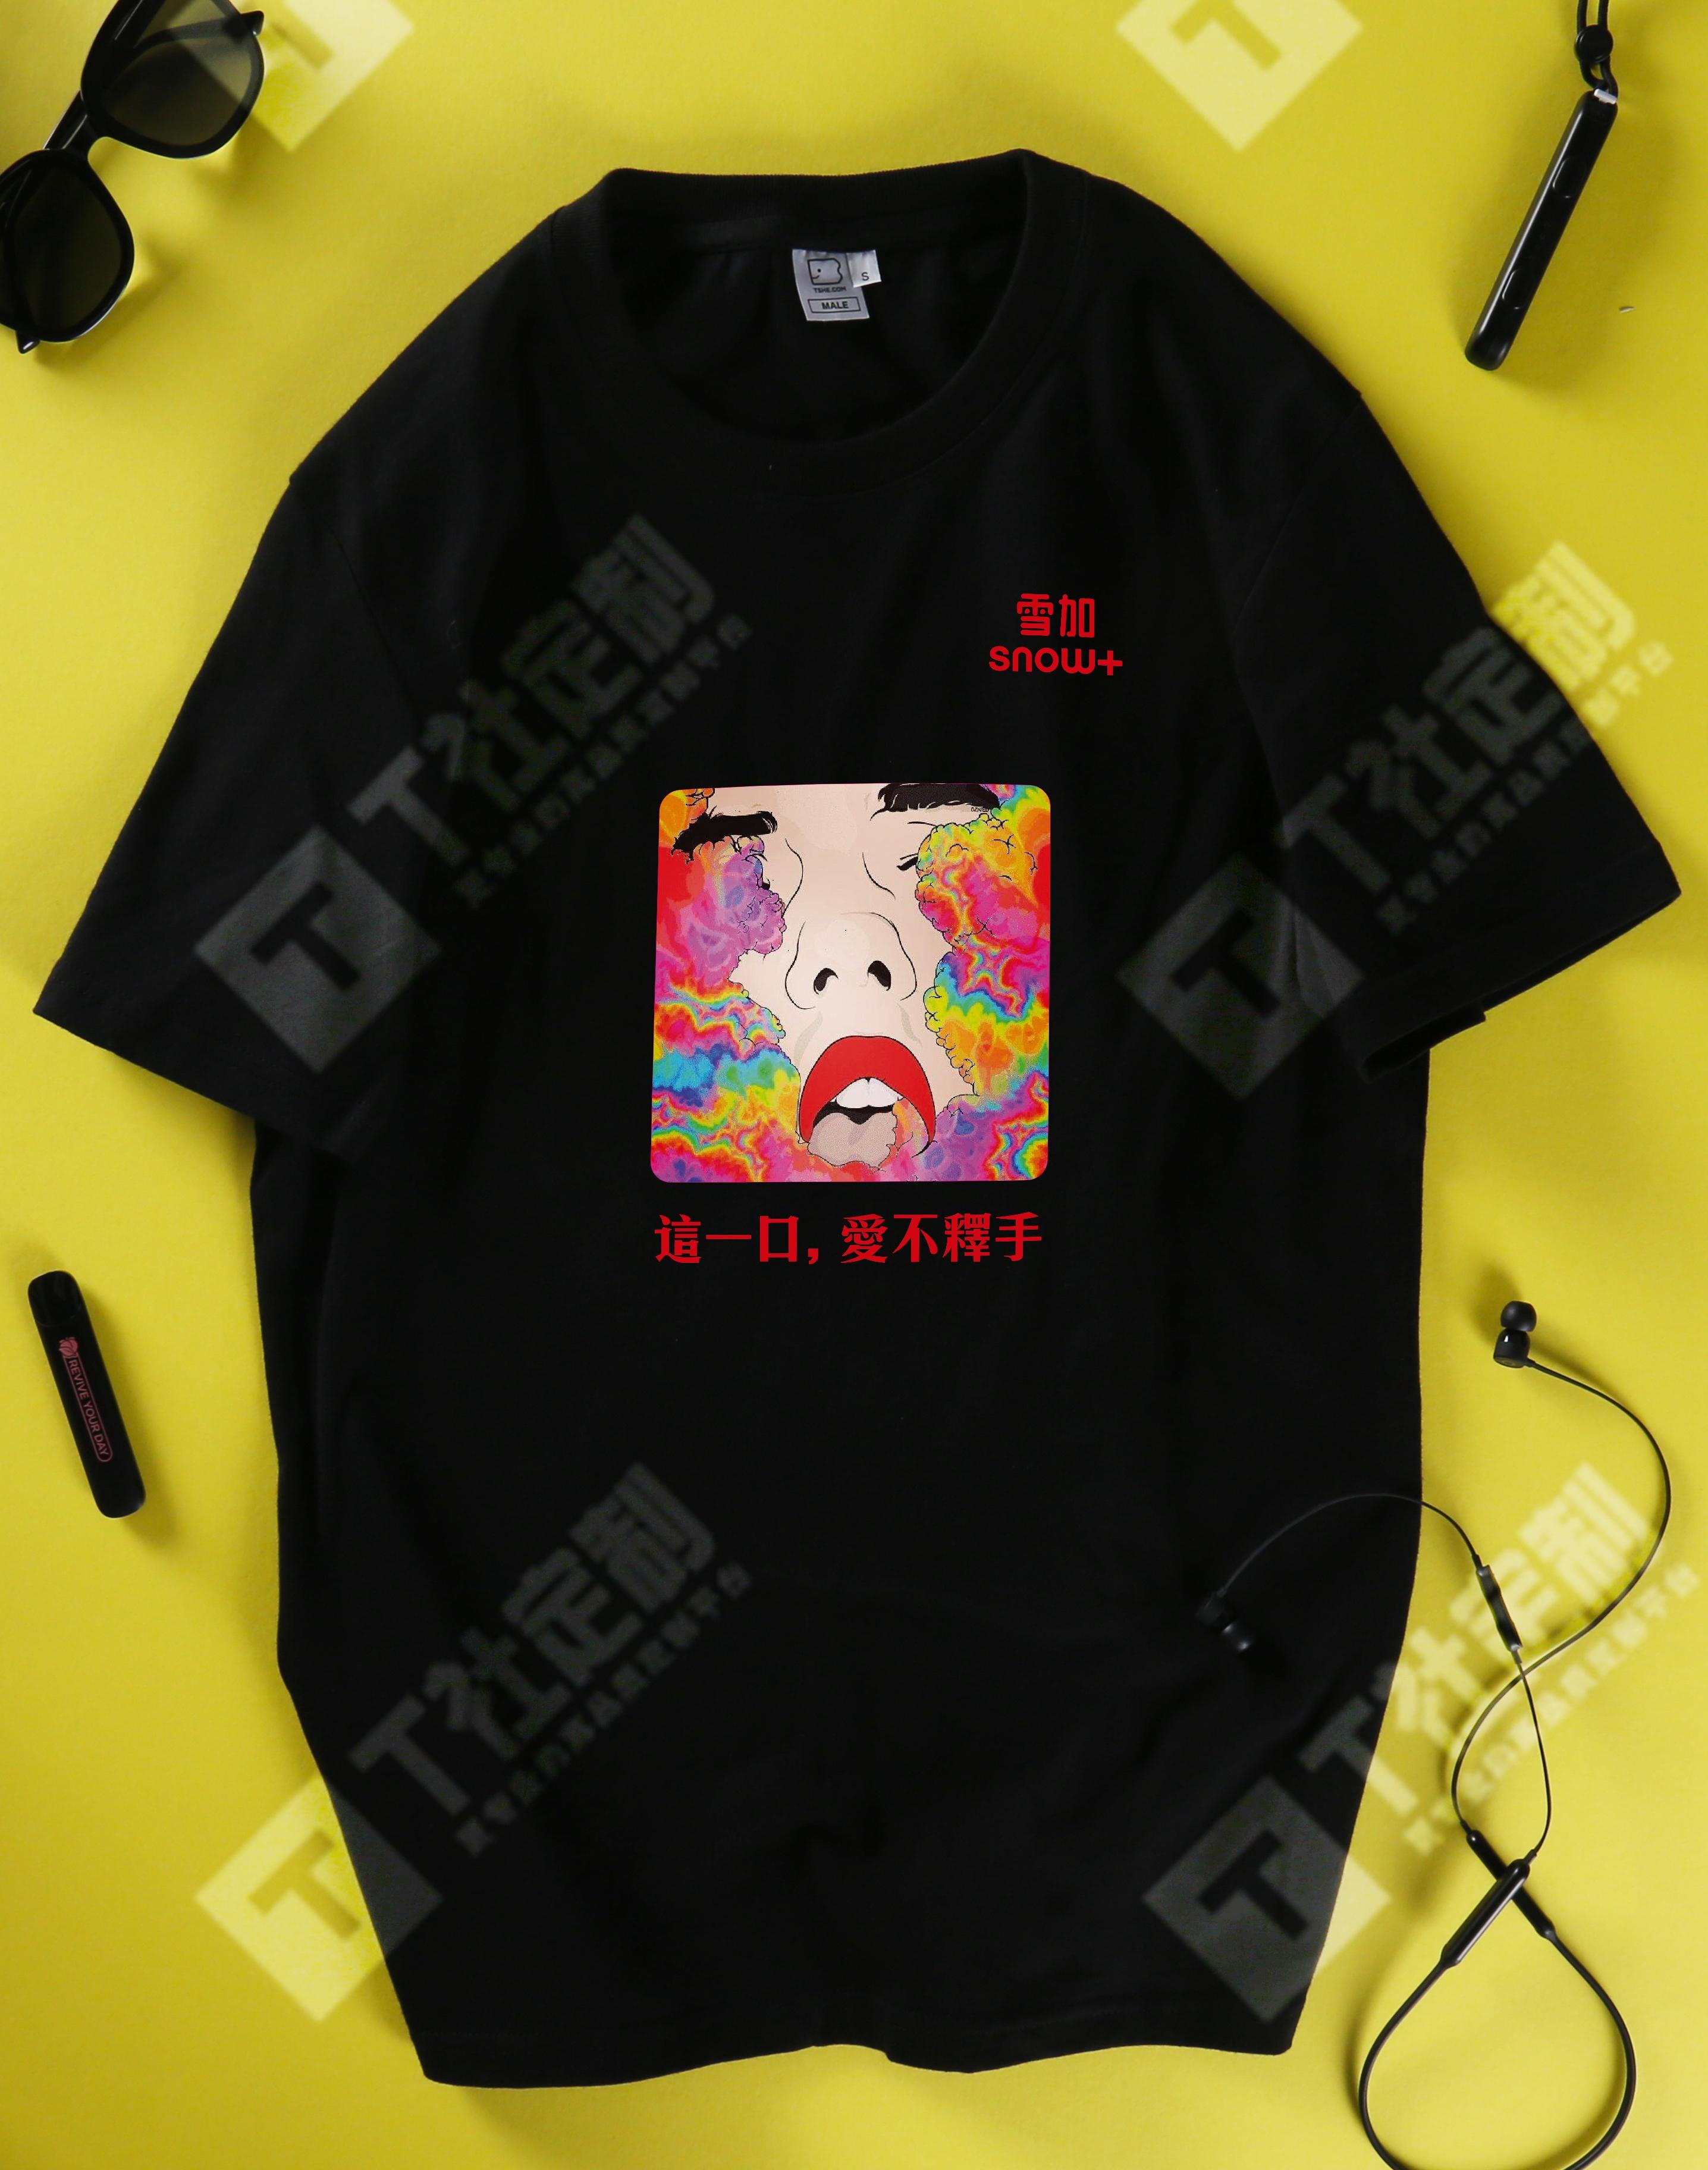 文化衫圖案大全 T恤定制 T恤圖案